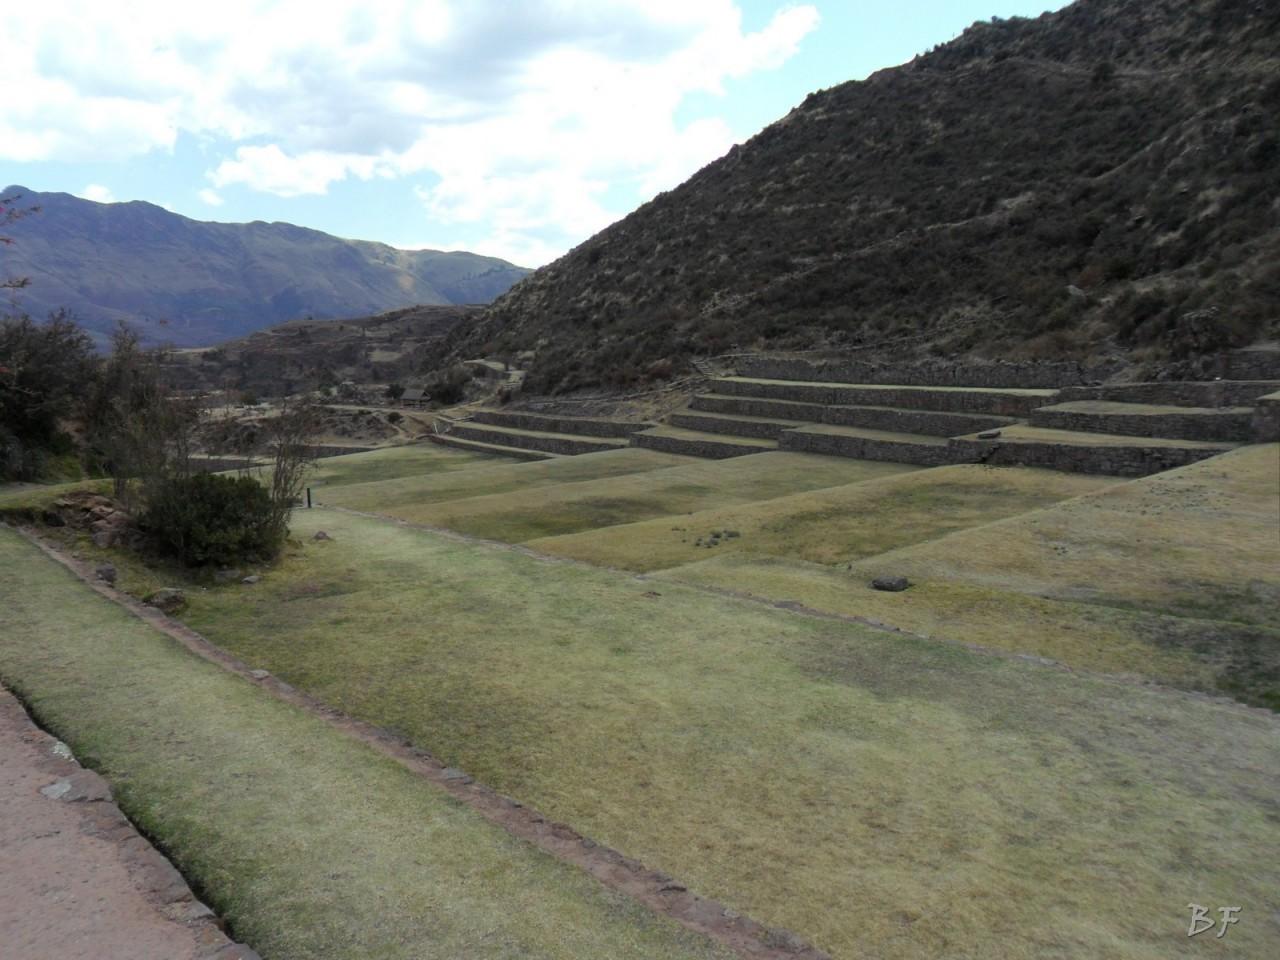 Mura-Poligonali-Megaliti-Tipon-Oropesa-Cusco-Perù-38